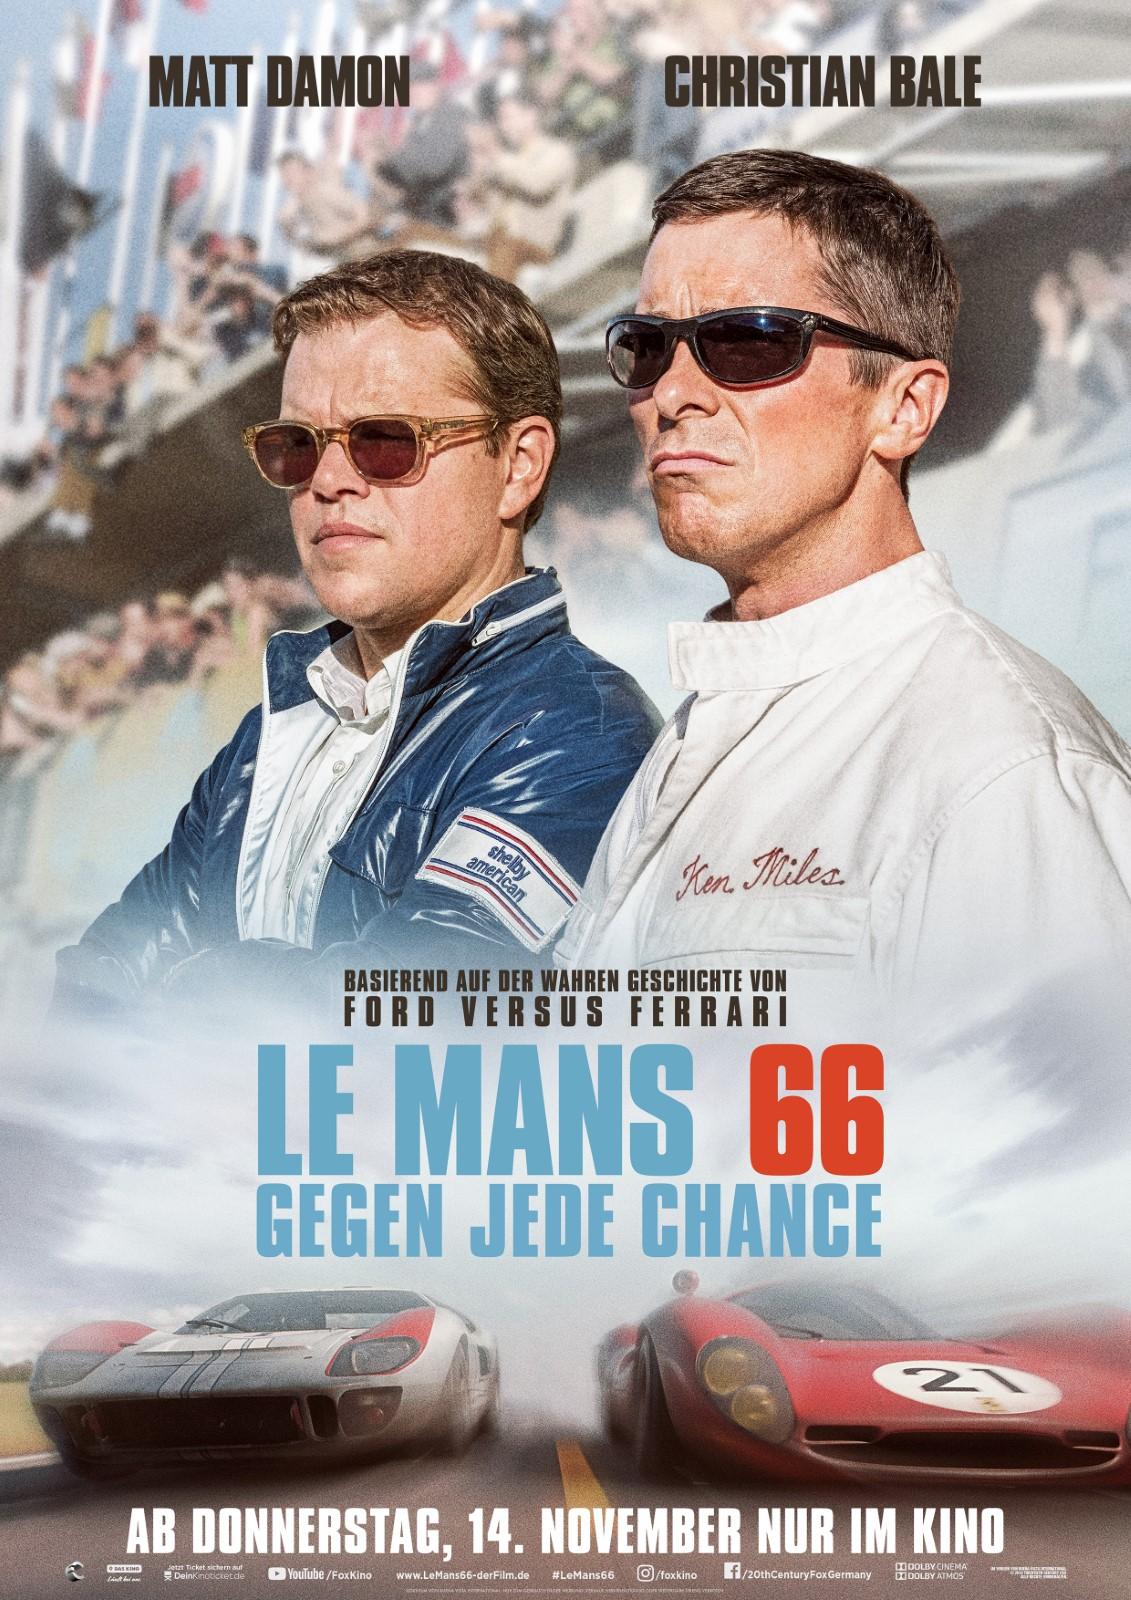 Die Filmstarts-Kritik zu Le Mans 66 - Gegen jede Chance